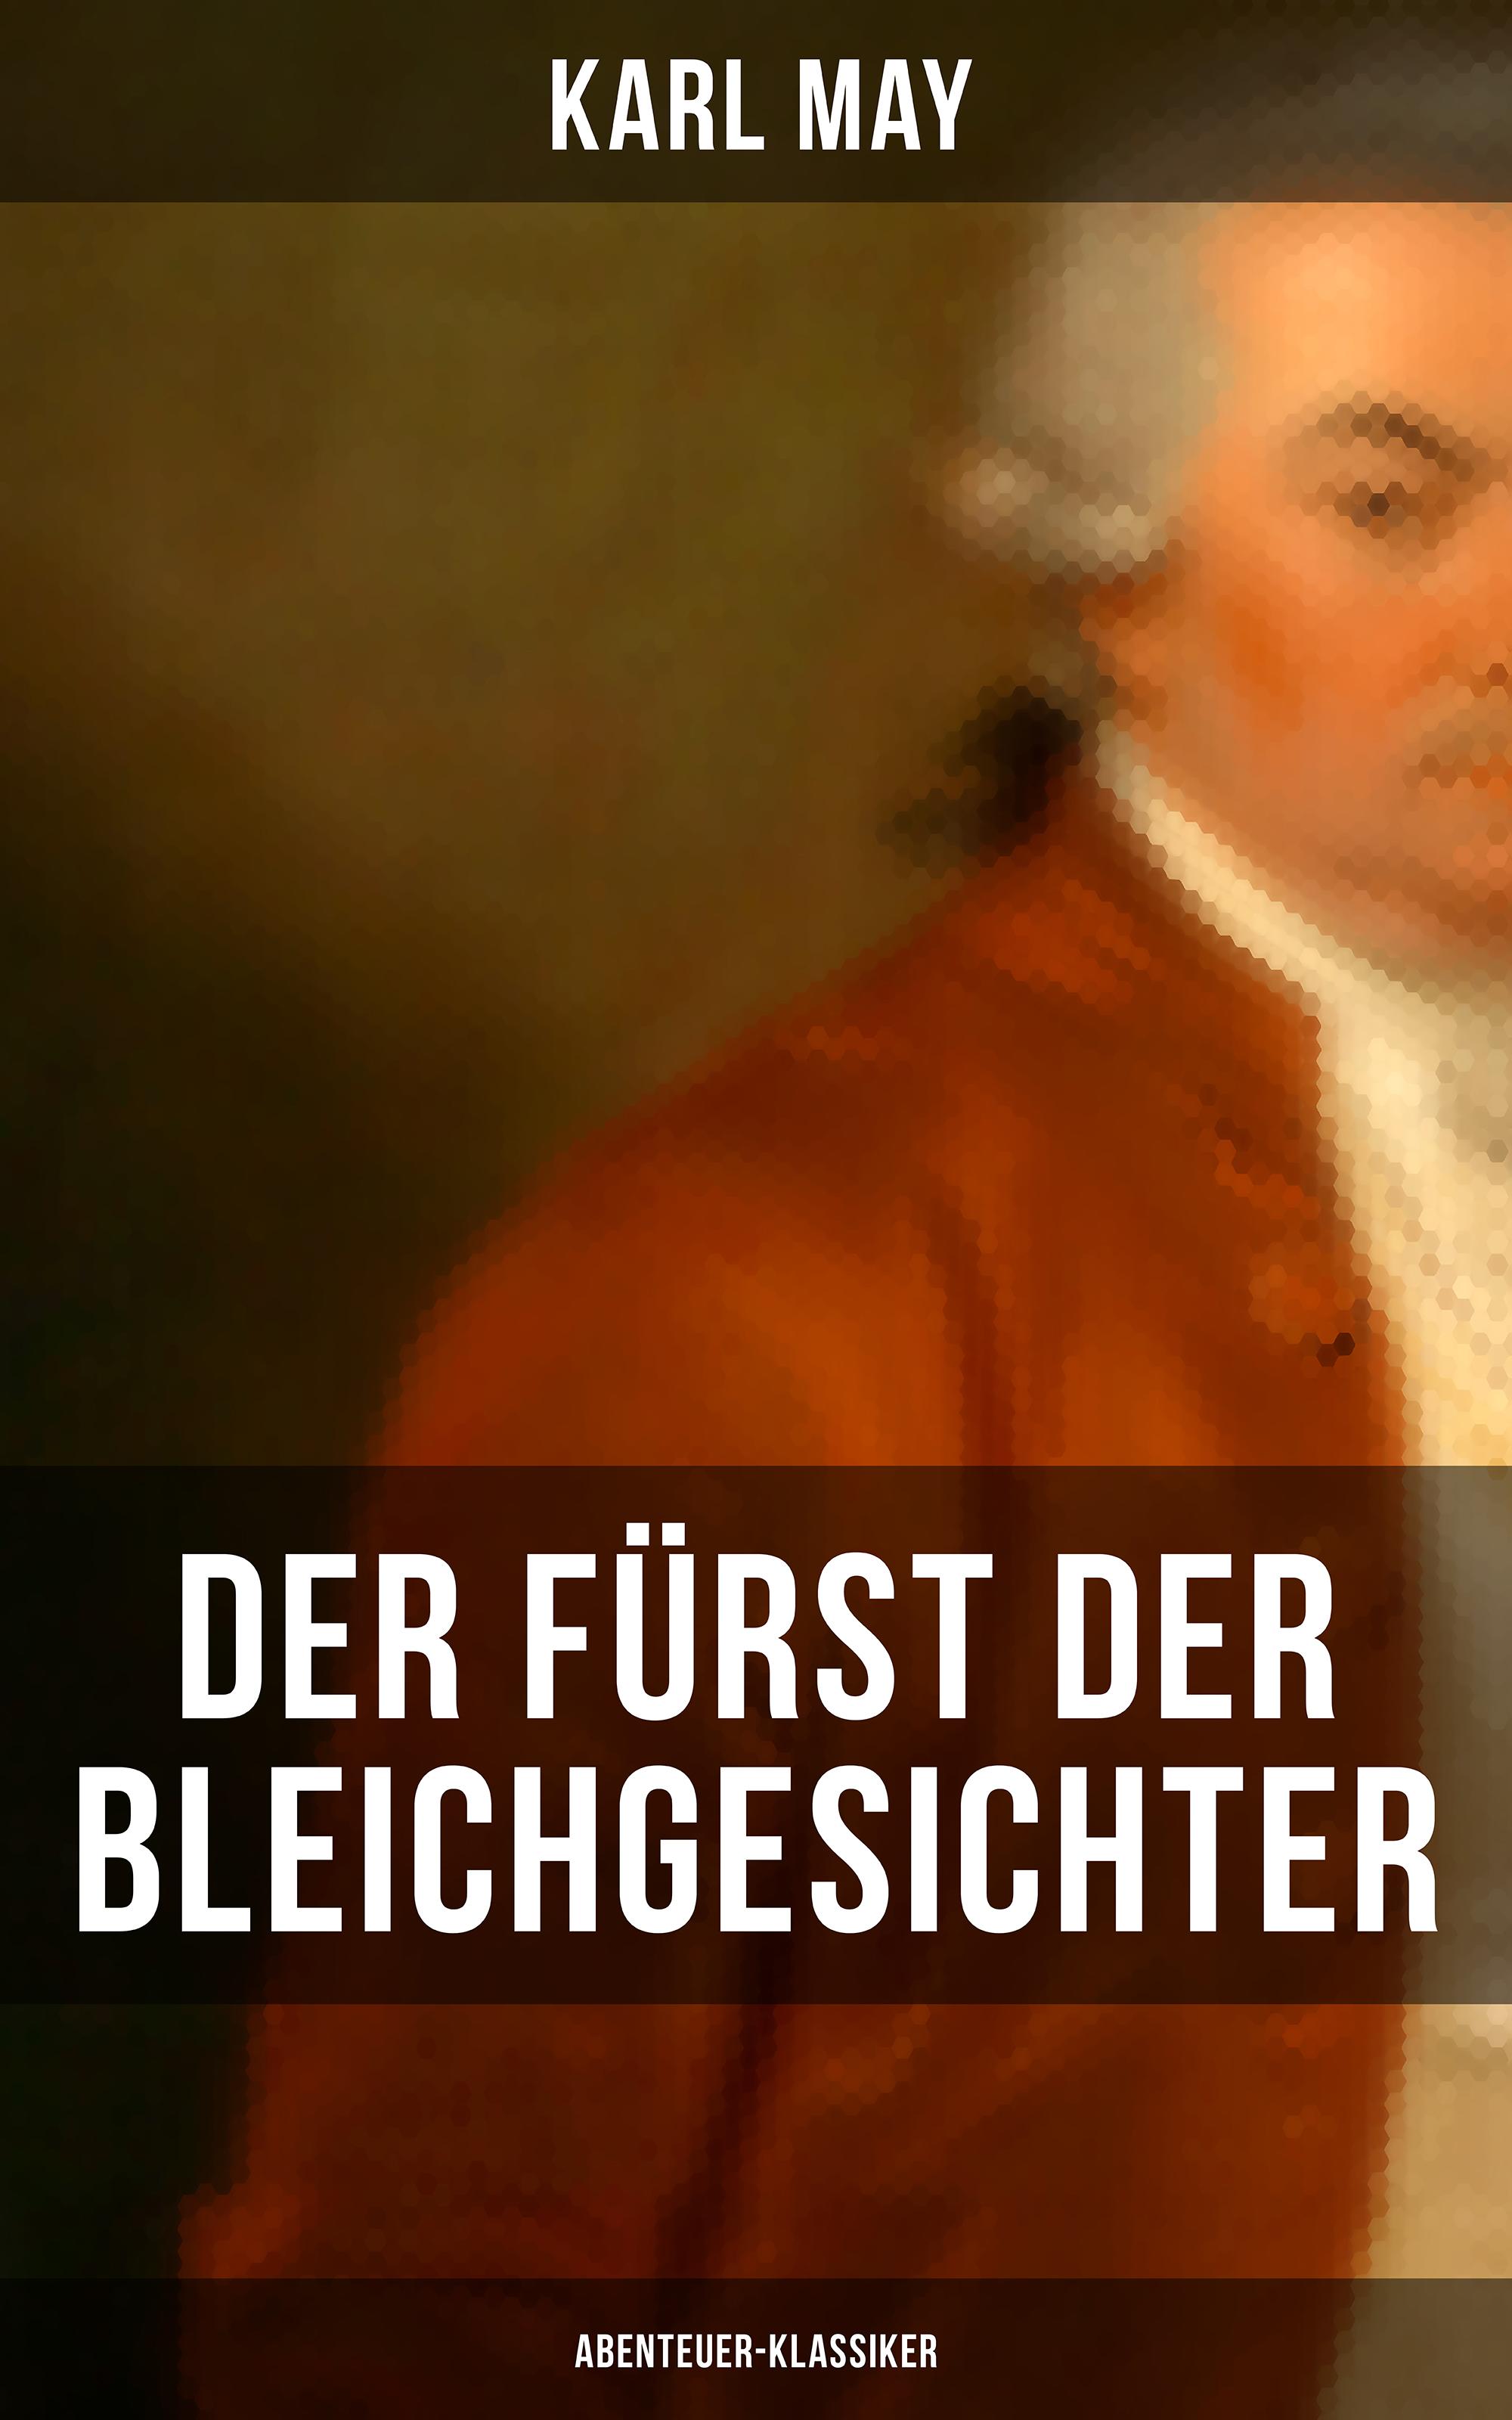 Karl May Der Fürst der Bleichgesichter (Abenteuer-Klassiker) james fenimore cooper der pfadfinder western klassiker